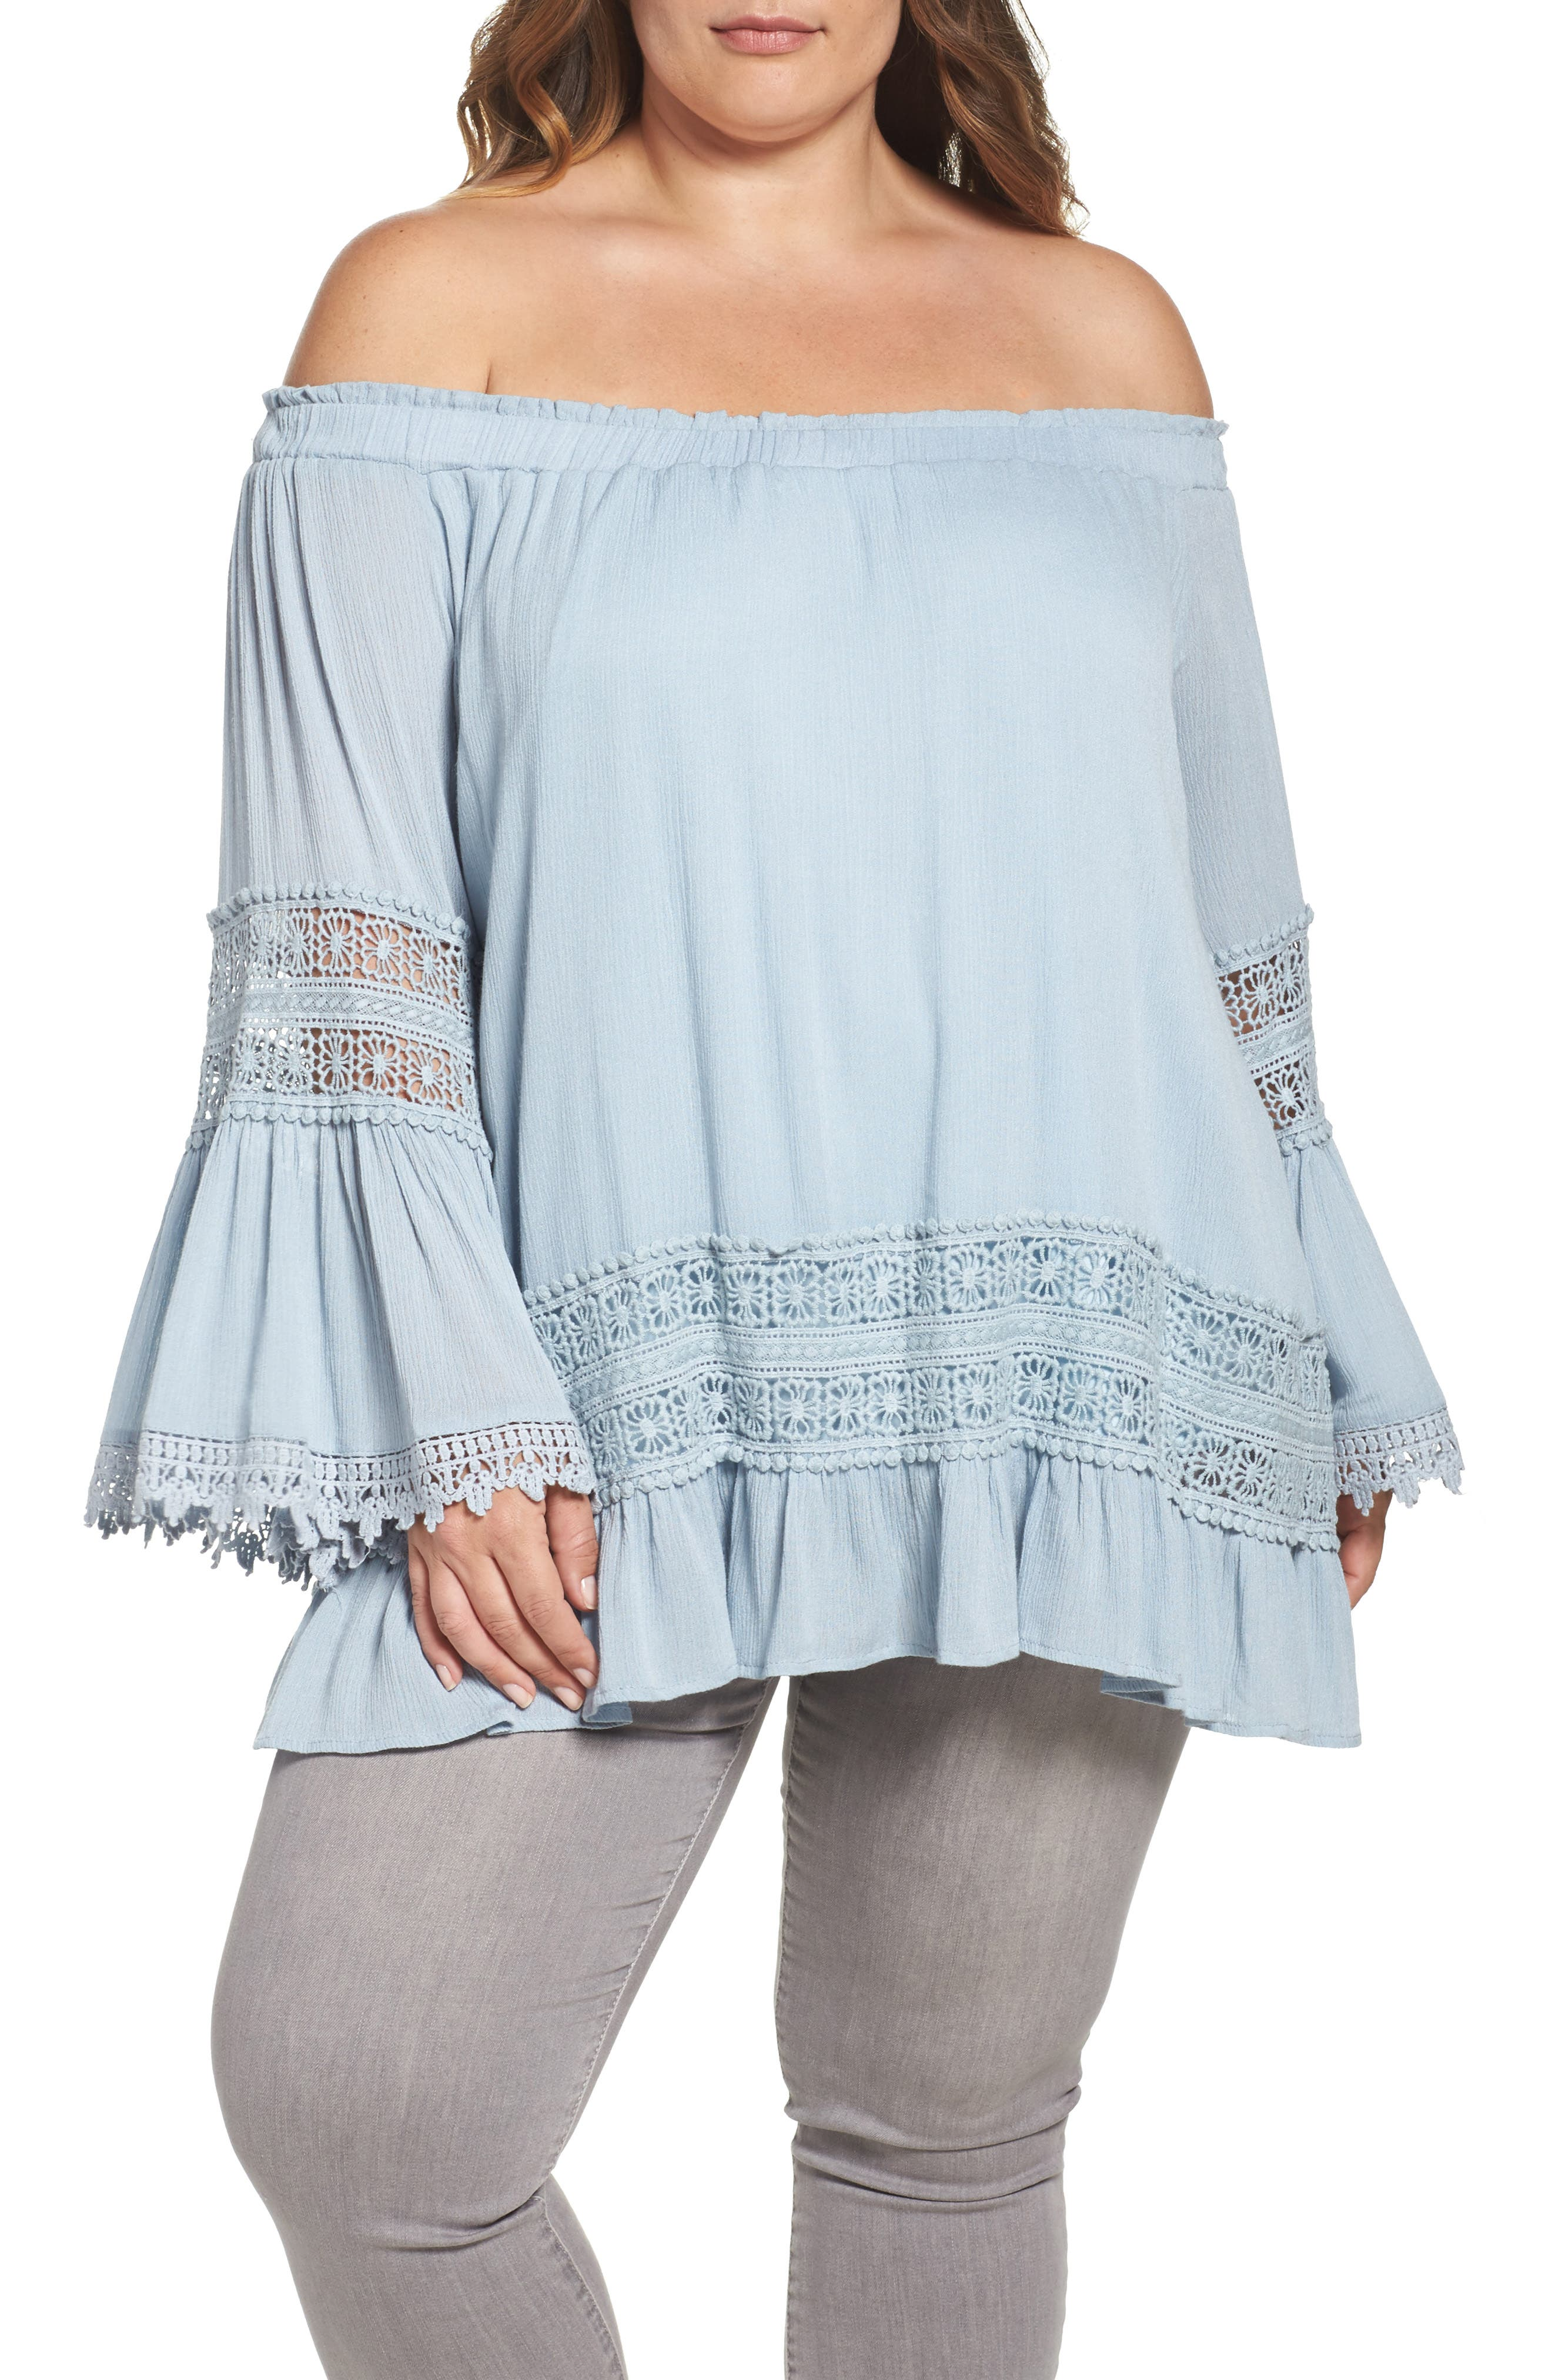 Lumie Crochet Lace Off the Shoulder Top (Plus Size)